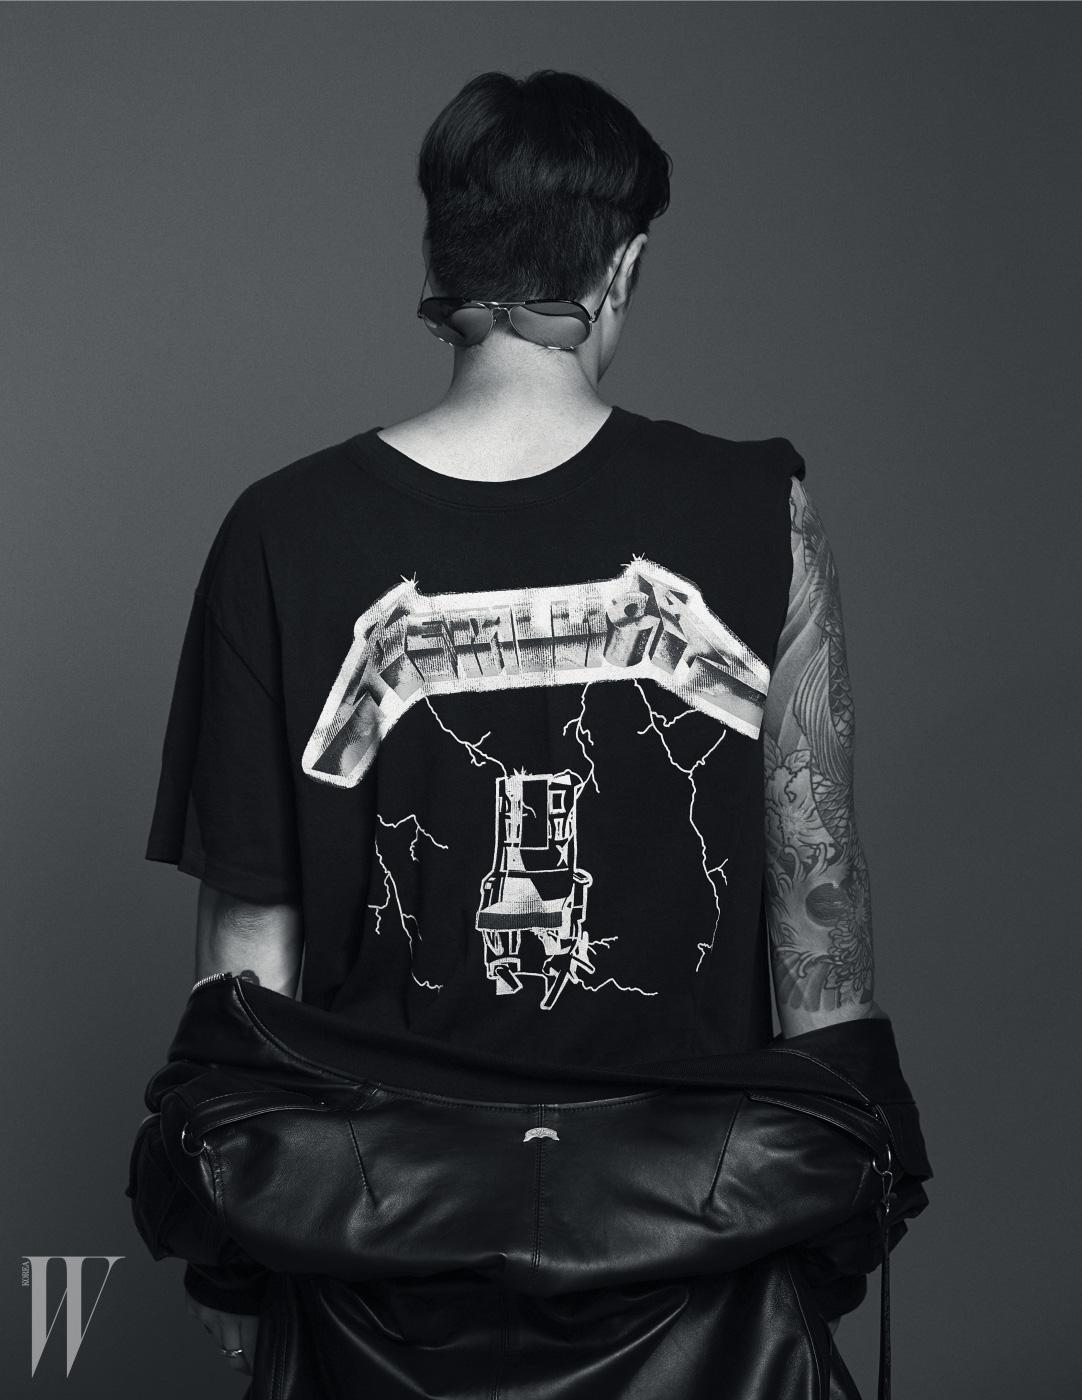 메탈리카 로고의 검은색 티셔츠는 Fear of God, 검은색 가죽 보머 재킷은 Nudebones, 보잉 선글라스는 Linda Farrow by Handock 제품.